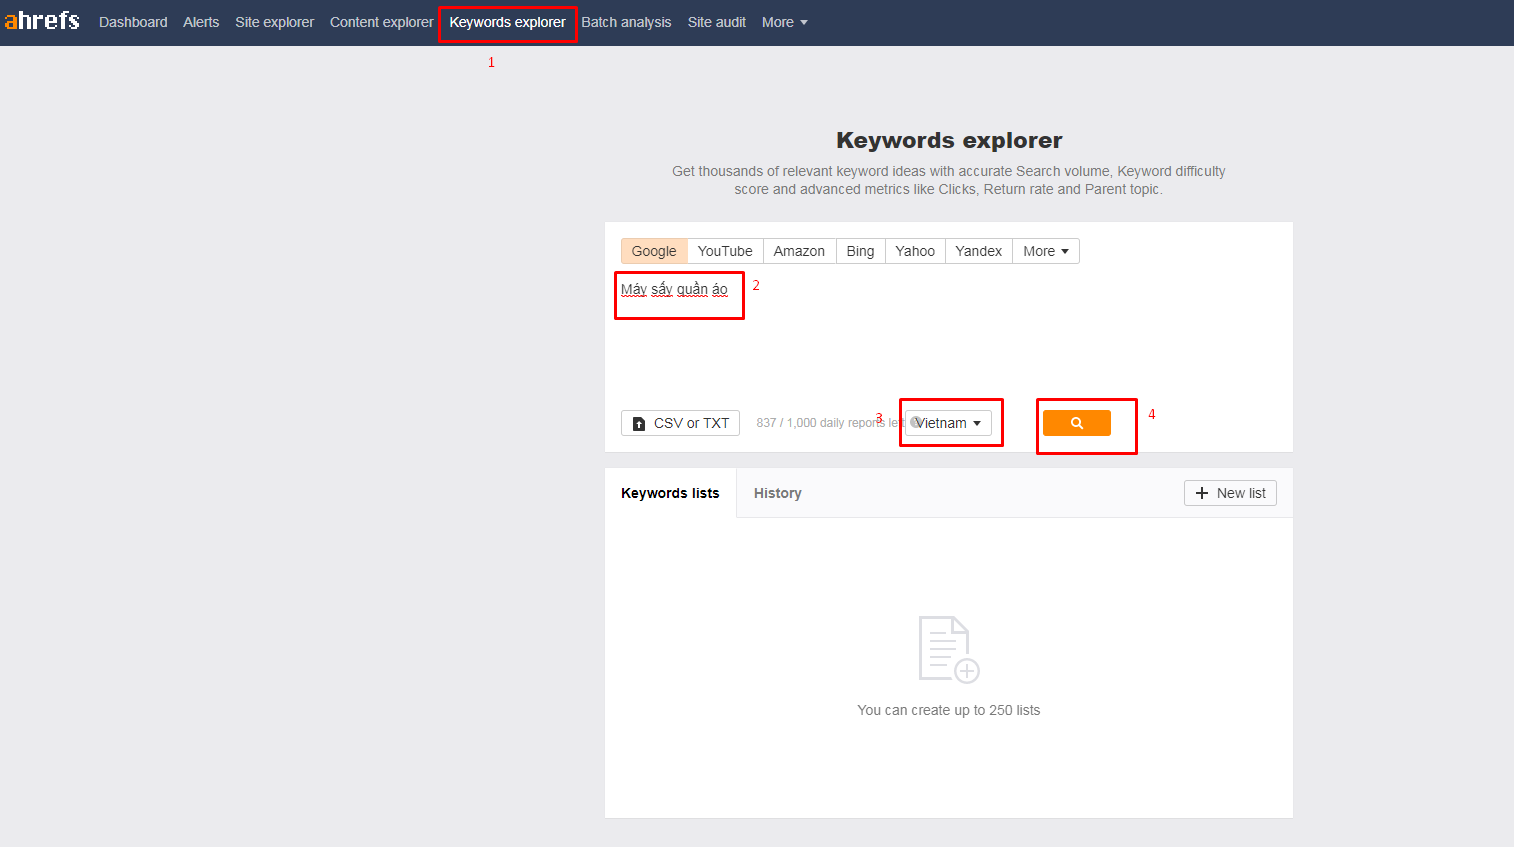 Cách Nghiên cứu từ khóa SEO - Keyword Research sản phẩm, dịch vụ chính